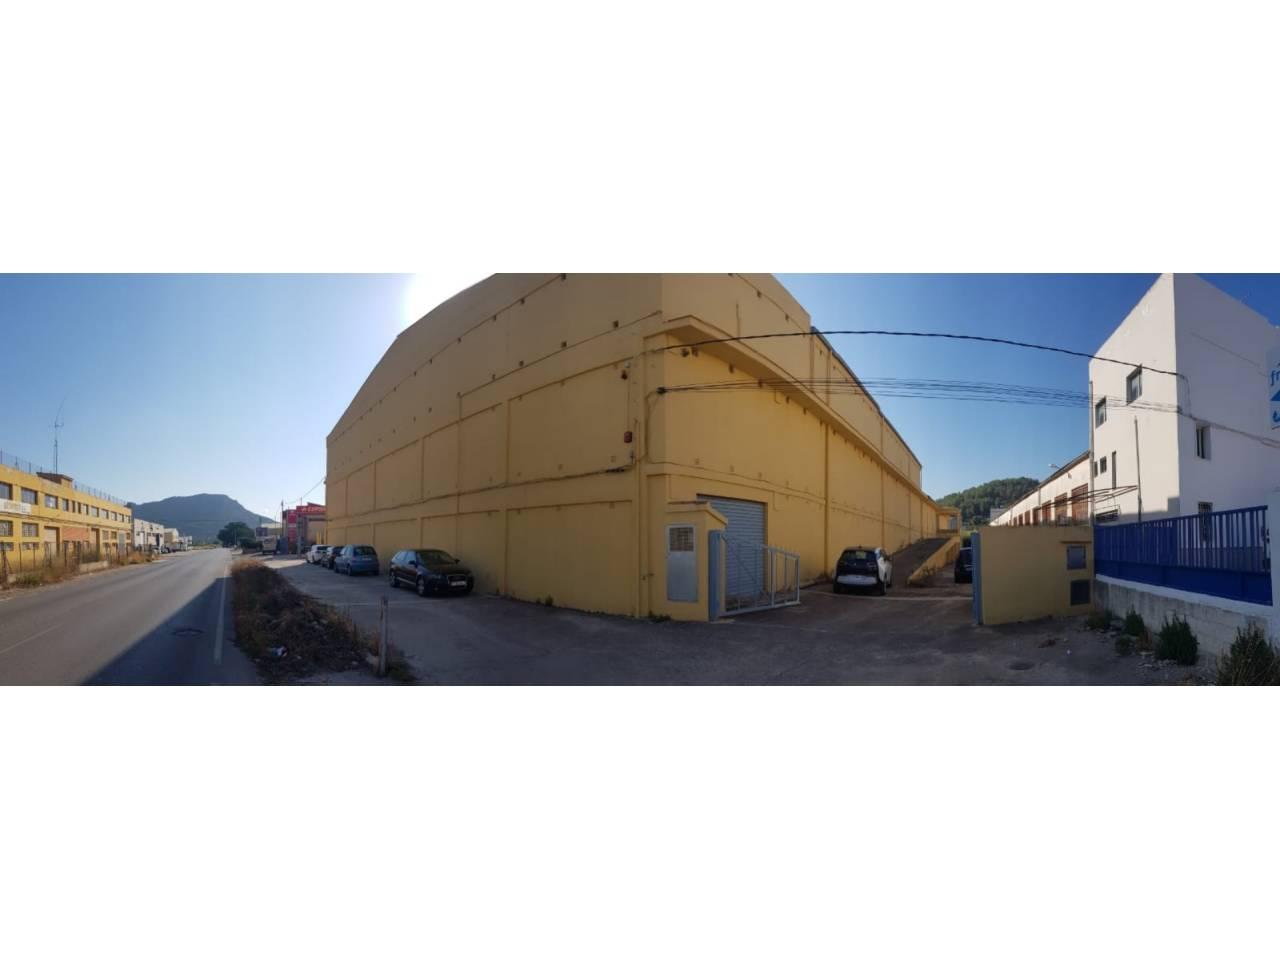 Nau industrial  Xàtiva. Ocasion¡¡¡¡¡¡ edificio de tres plantas en su parte delantera y d